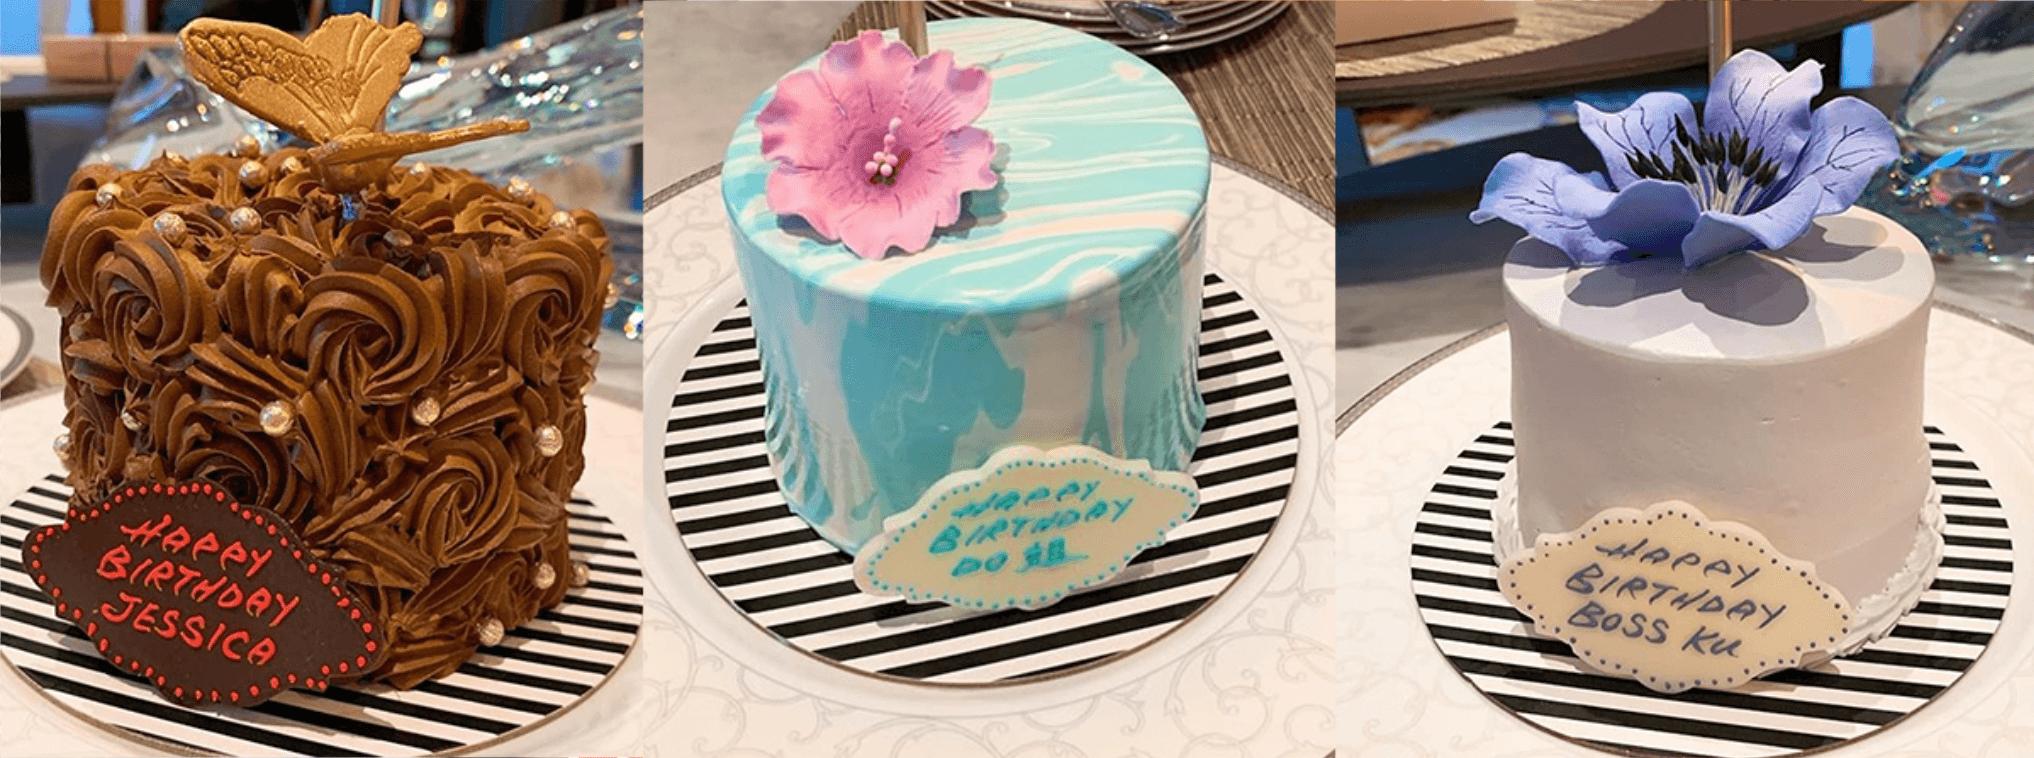 為壽星送上三個蛋糕